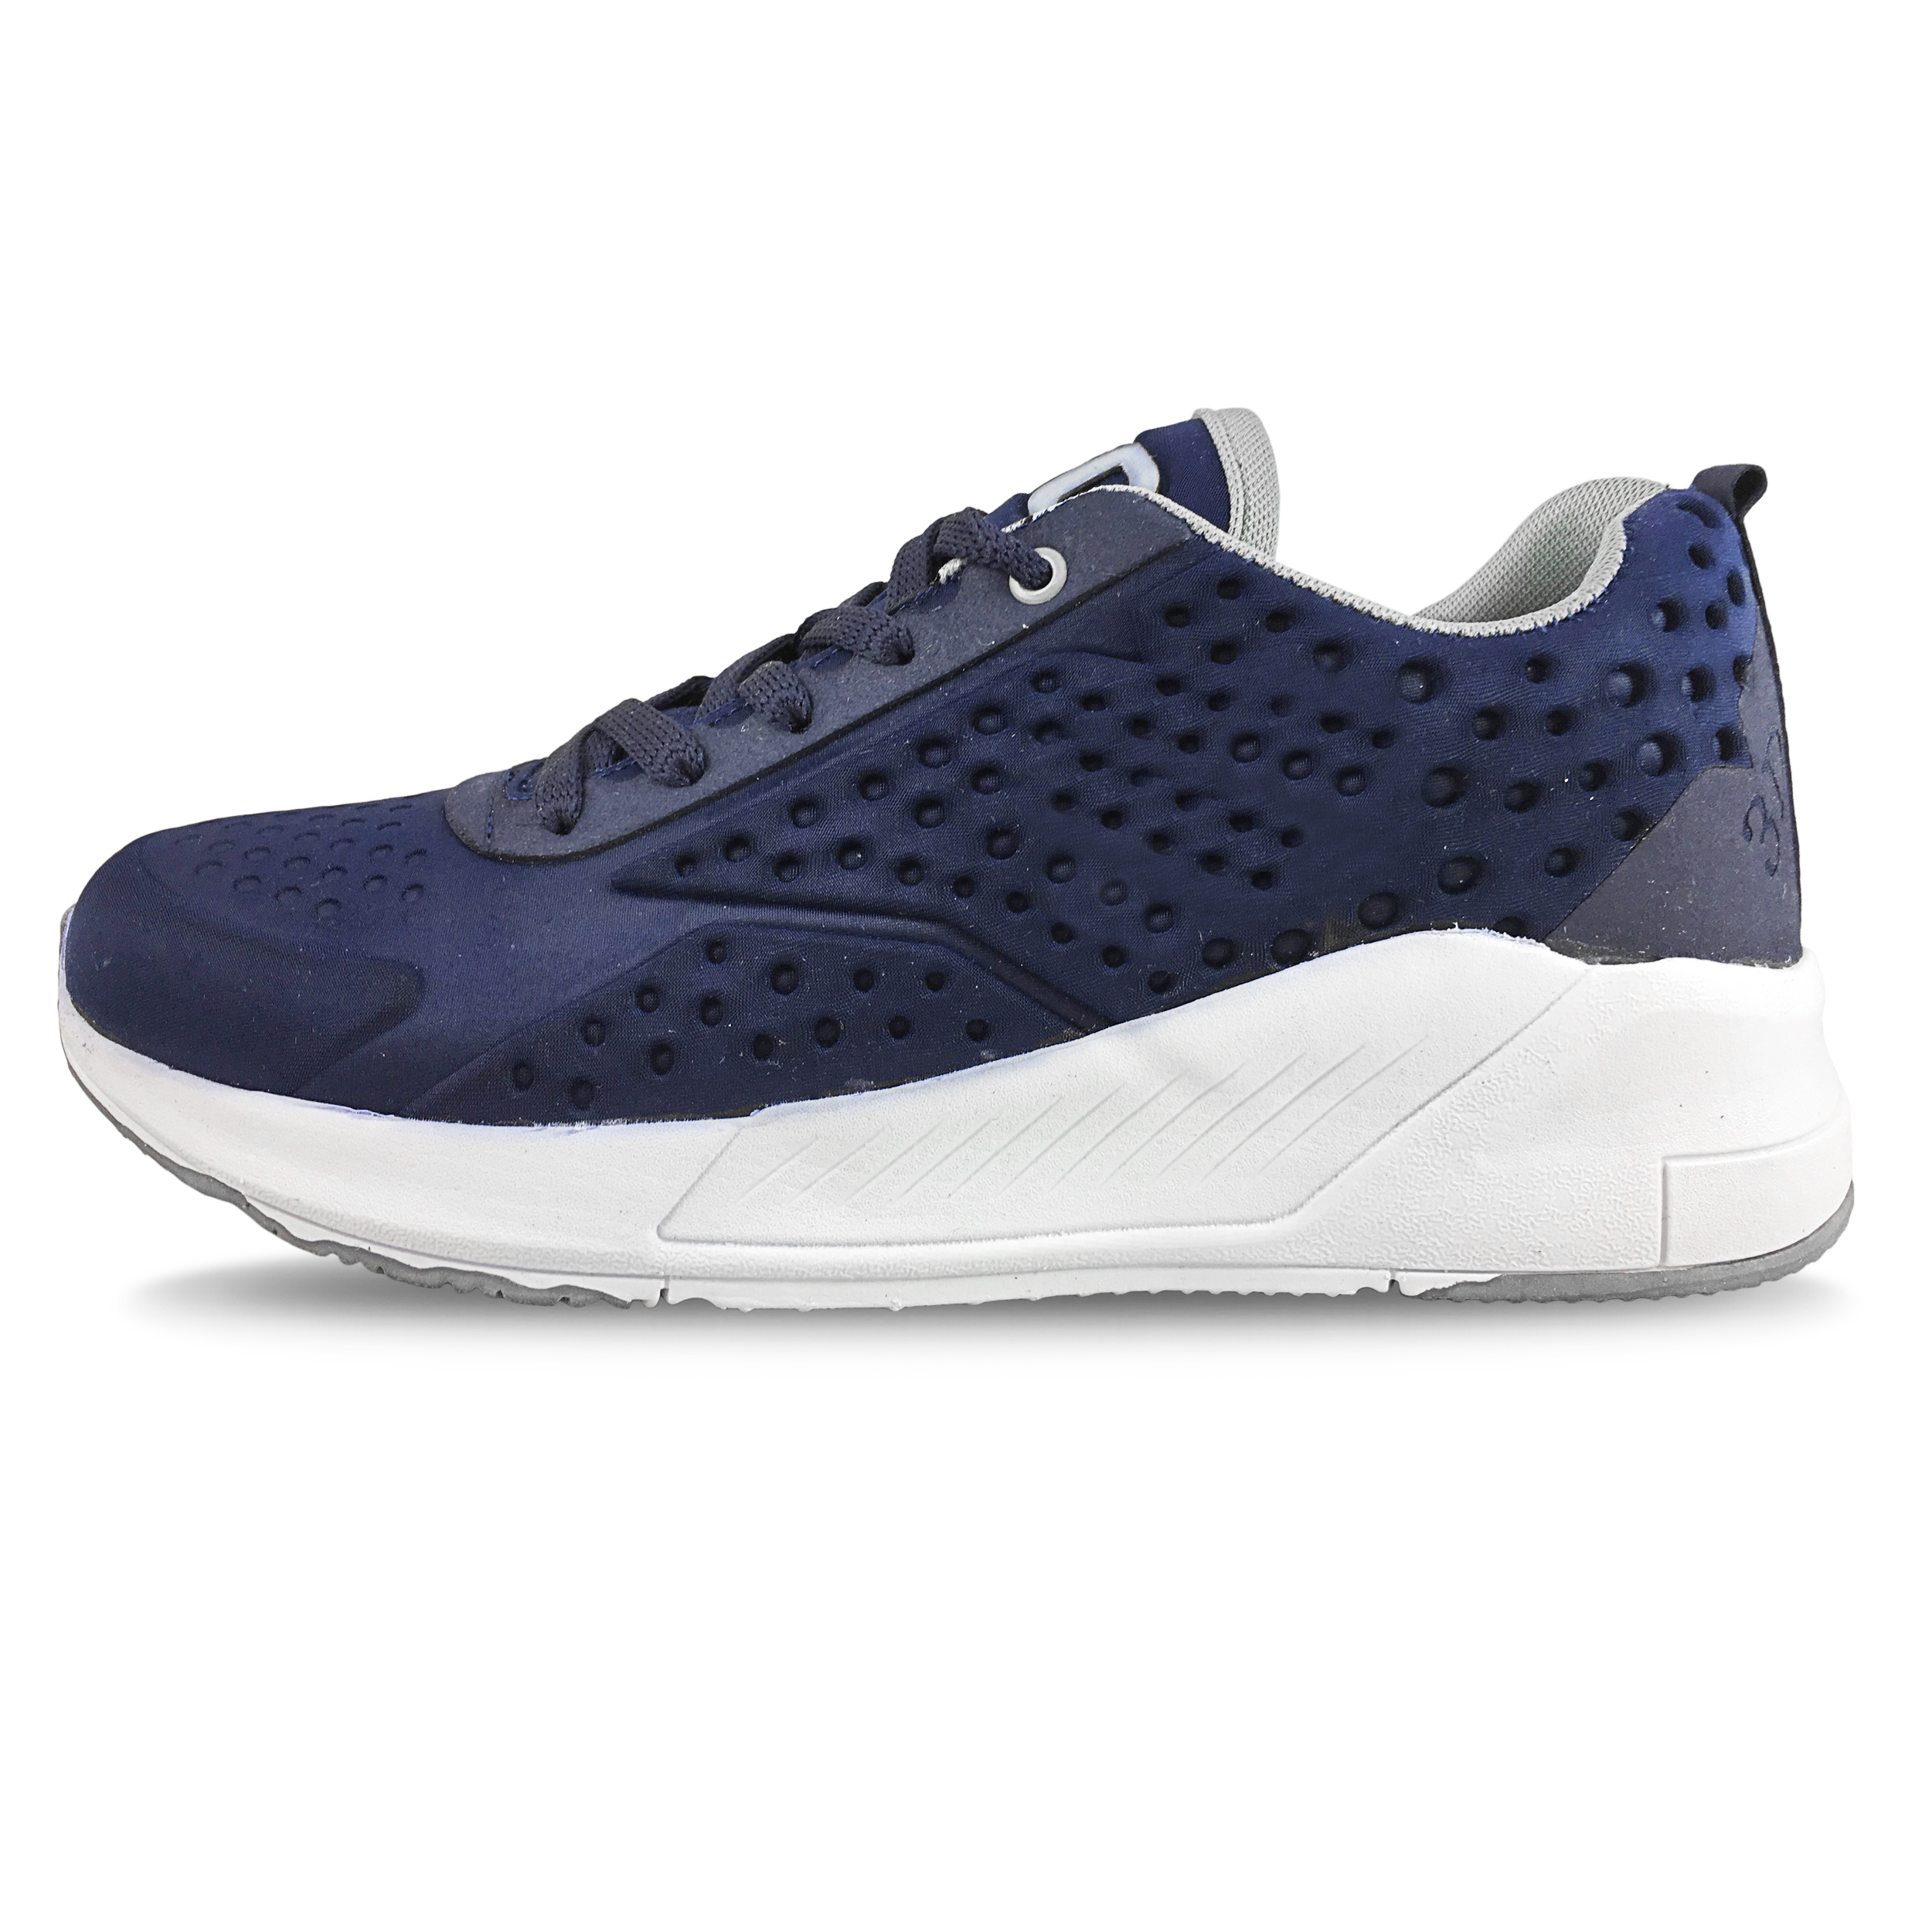 کفش مخصوص پیاده روی مردانه نسیم مدل 3D کد 2-1830